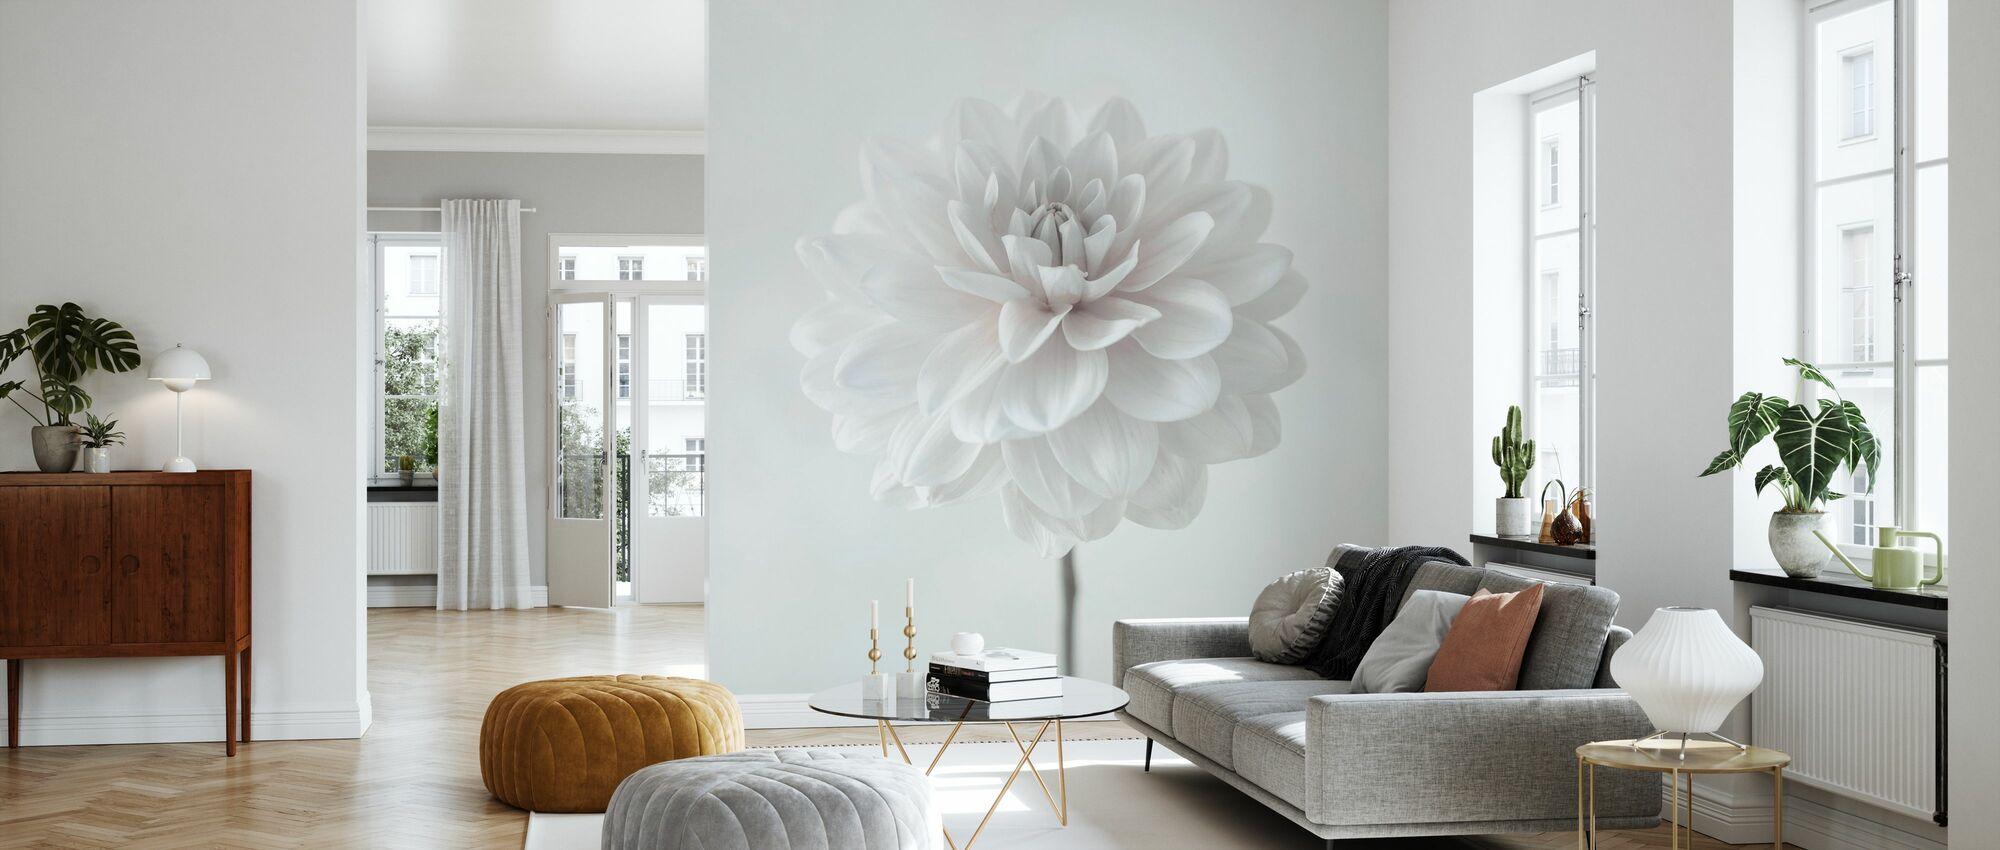 Dahlias - Wallpaper - Living Room